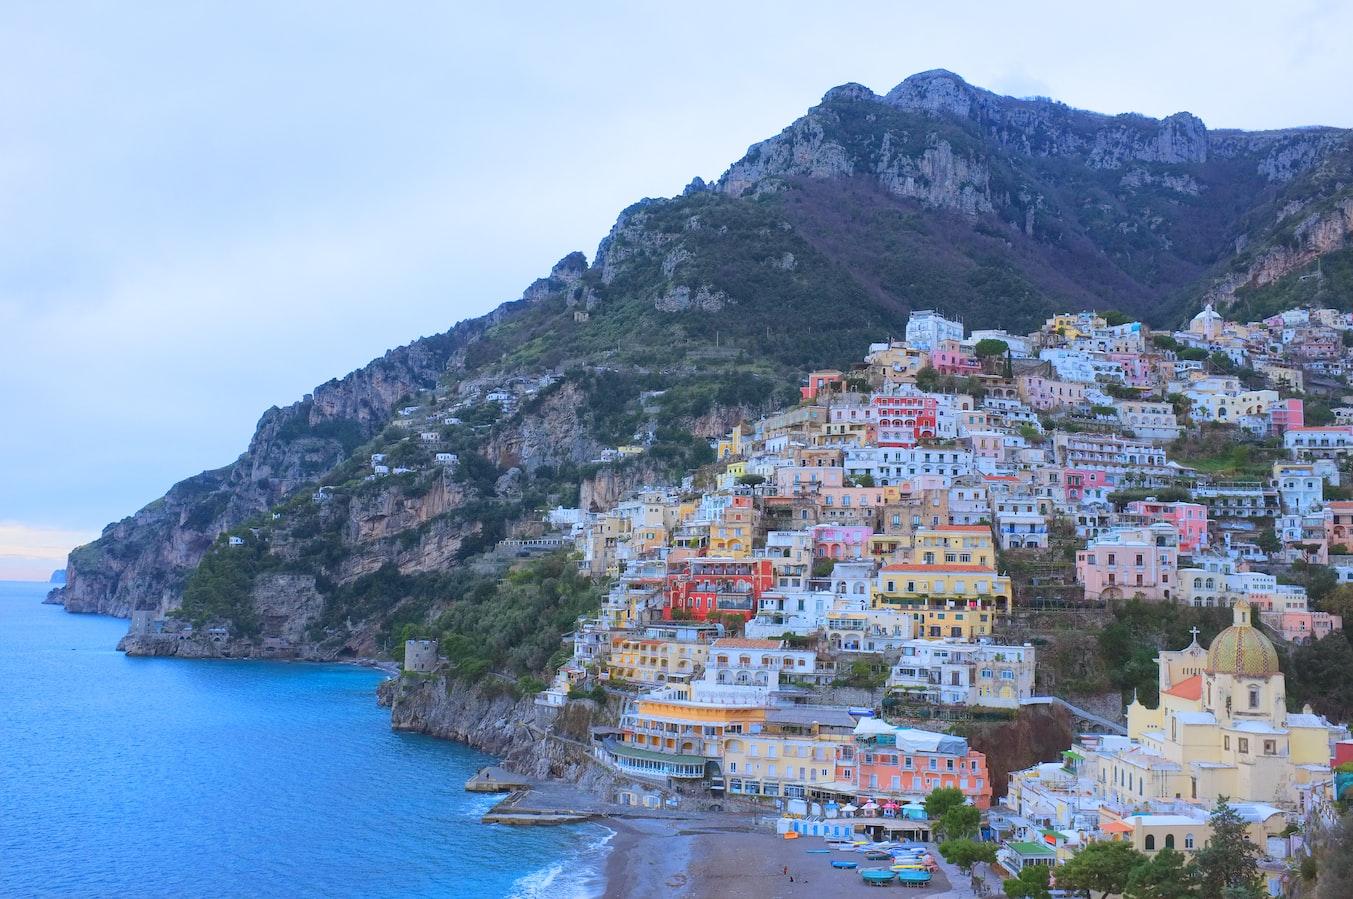 Châu Âu gồm những nước nào ? Du lịch châu Âu nên đi nước nào ? Mùa nào đẹp nhất ? Tất tần tật đều có trong bài viết này!!